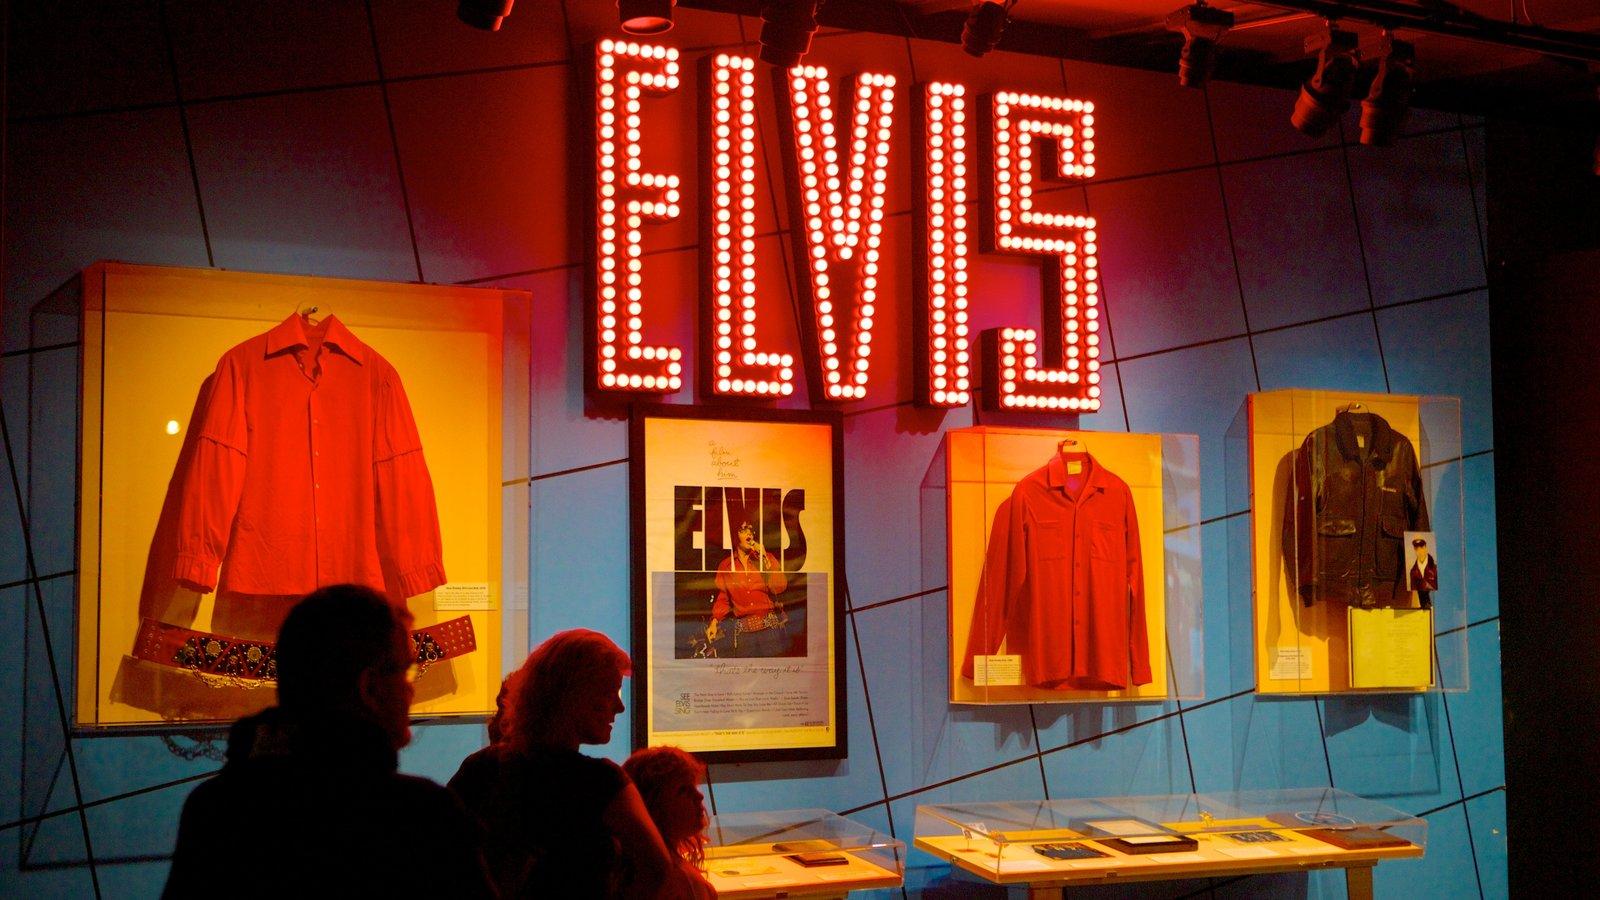 Rock and Roll Hall of Fame and Museum que inclui música, vistas internas e sinalização